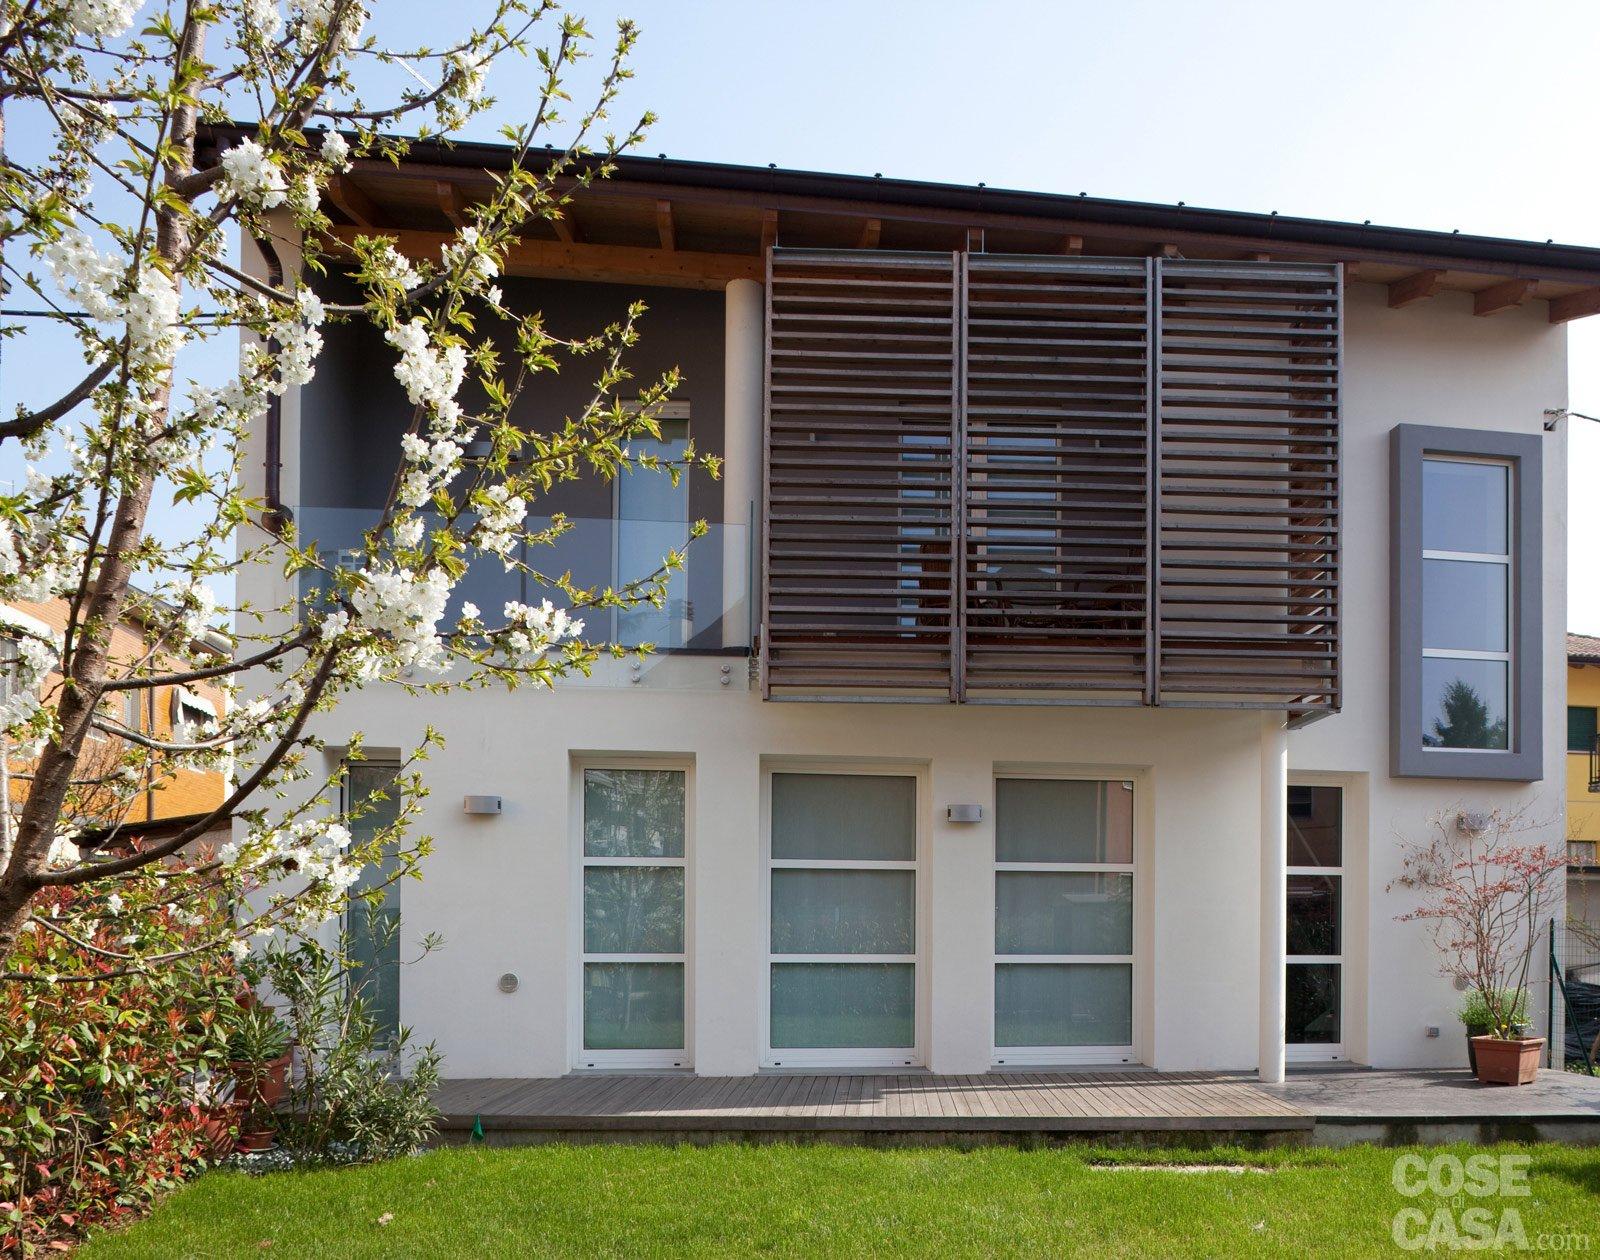 Una casa ristrutturata puntando sull 39 efficienza energetica for Case moderne classiche